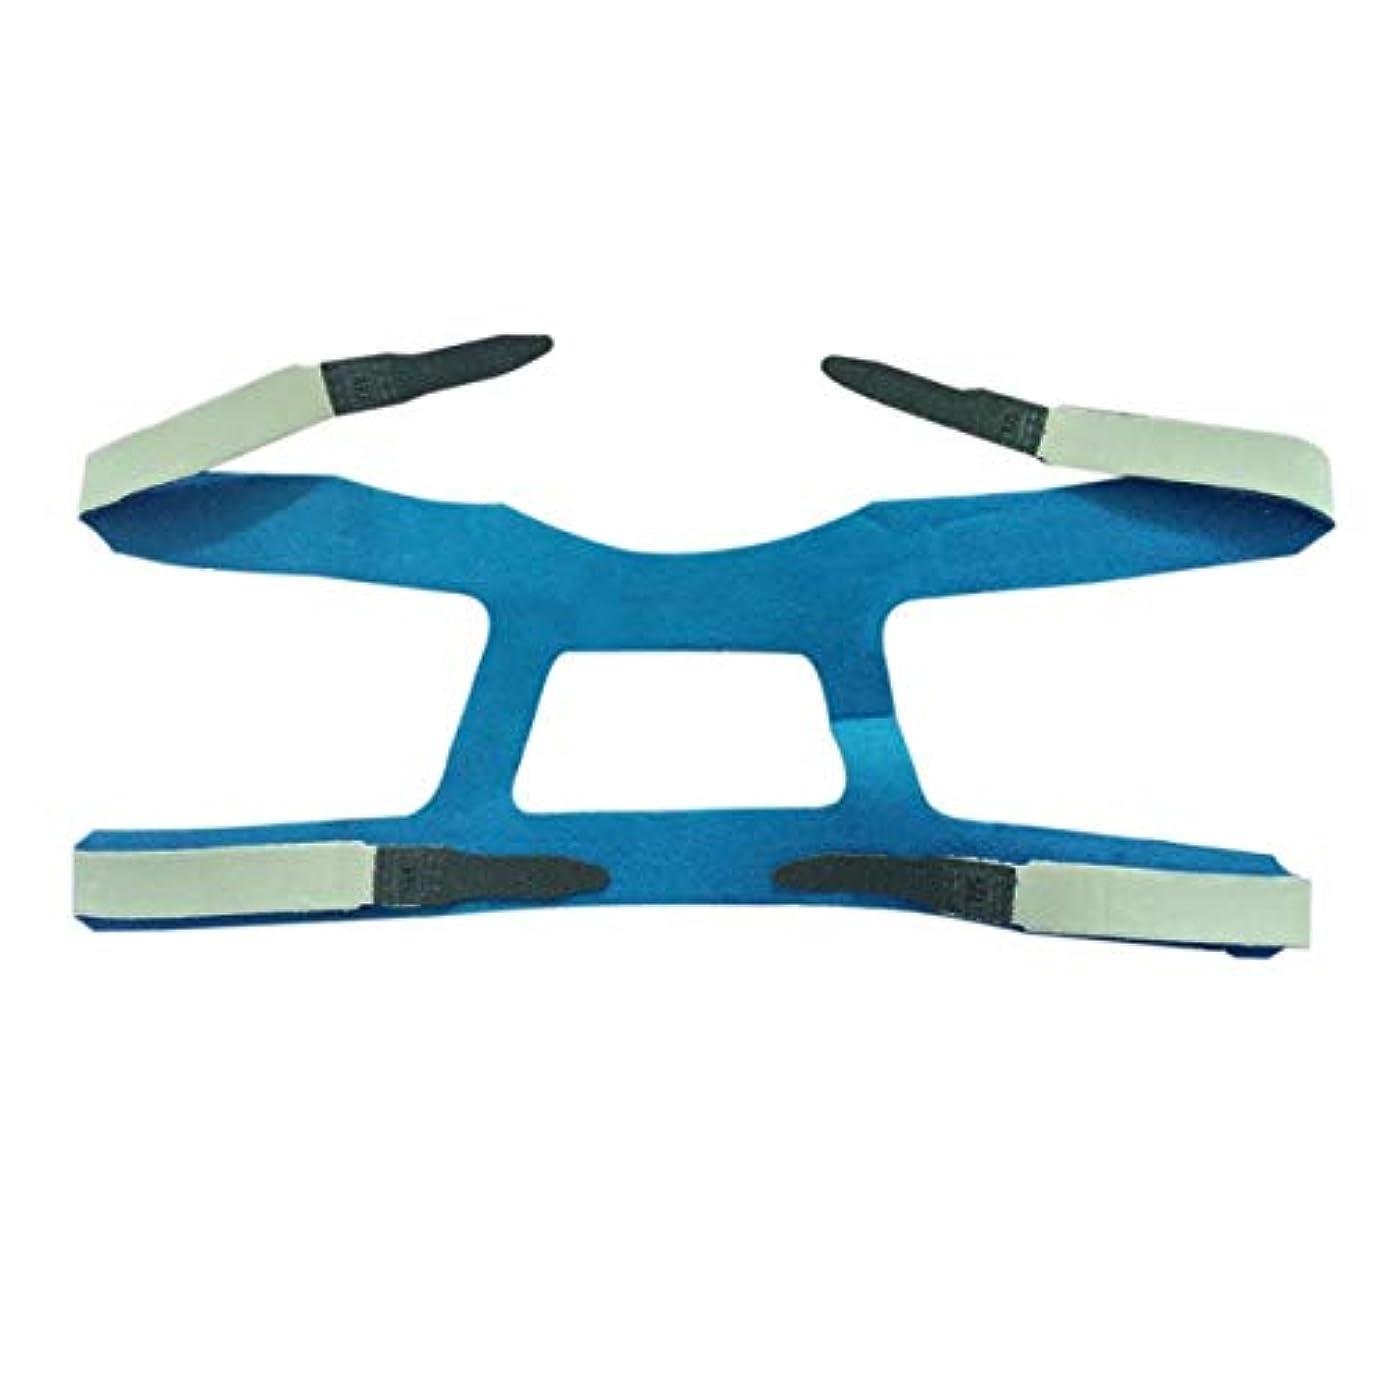 許す取得する女性ユニバーサルデザインのヘッドギアコンフォートゲルフルマスク安全な環境交換CPAPヘッドバンドなしPHILPS